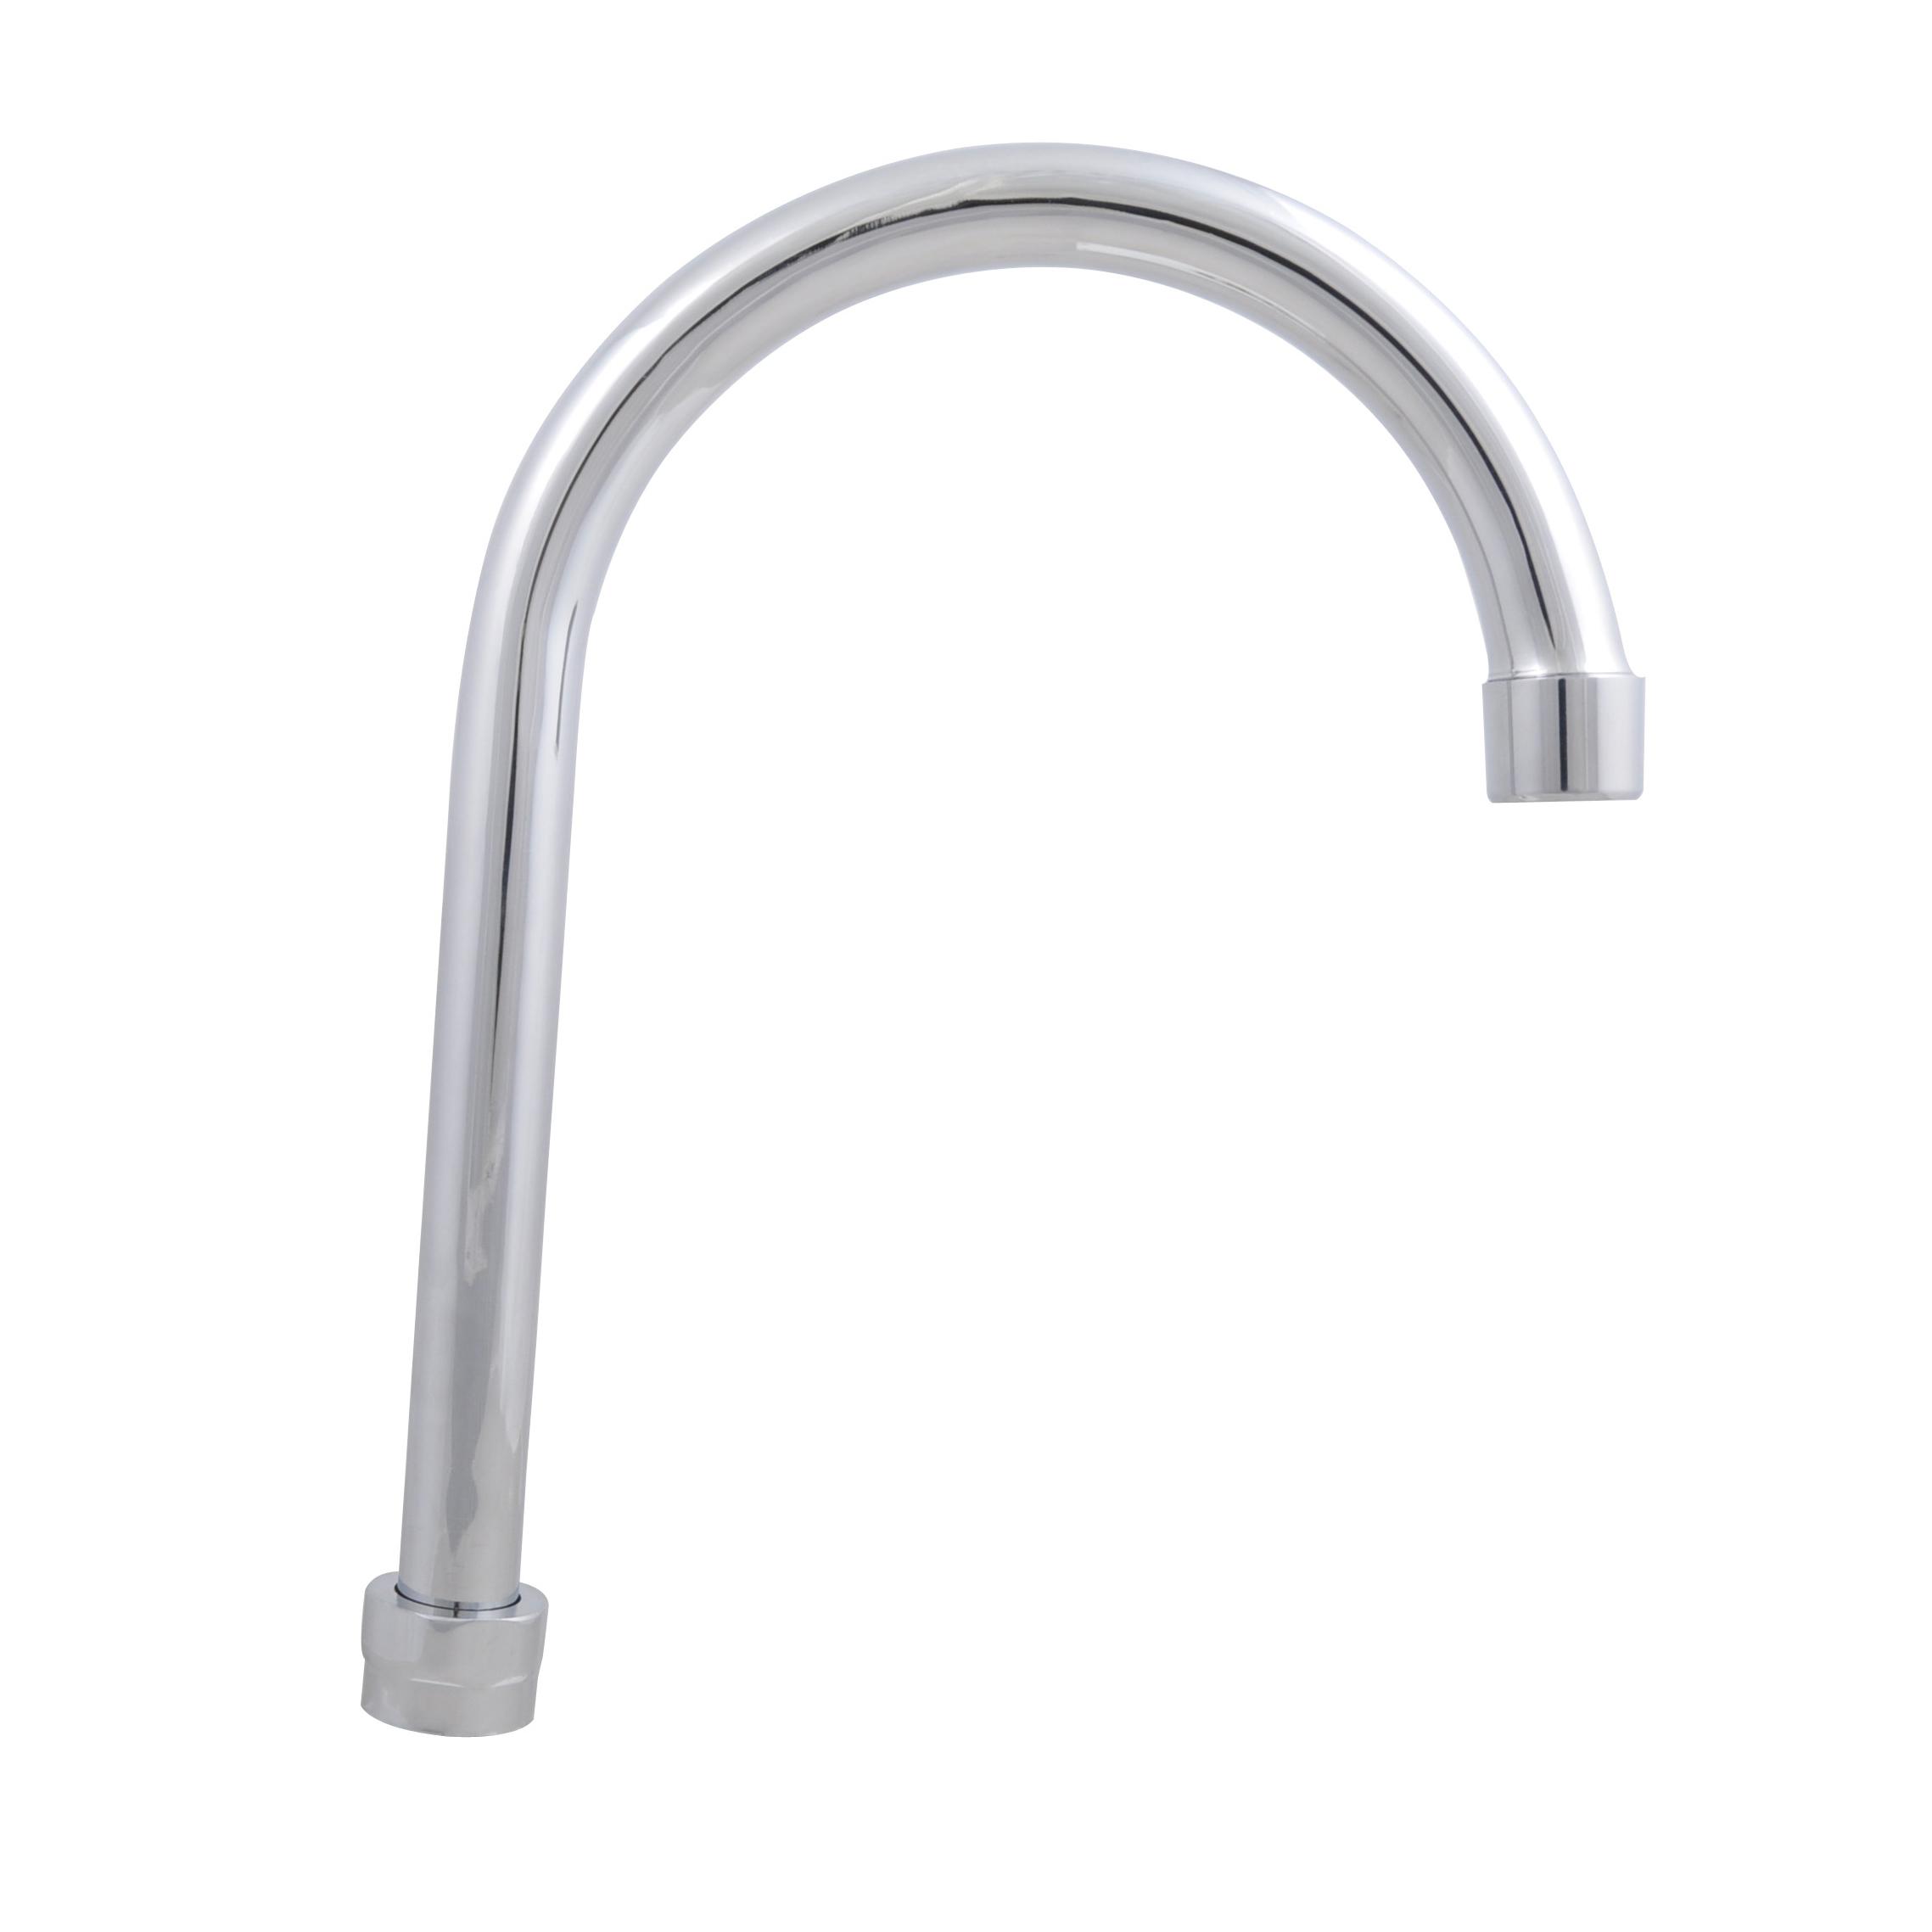 BK Resources BKF-HSPT-5G-G faucet, spout / nozzle